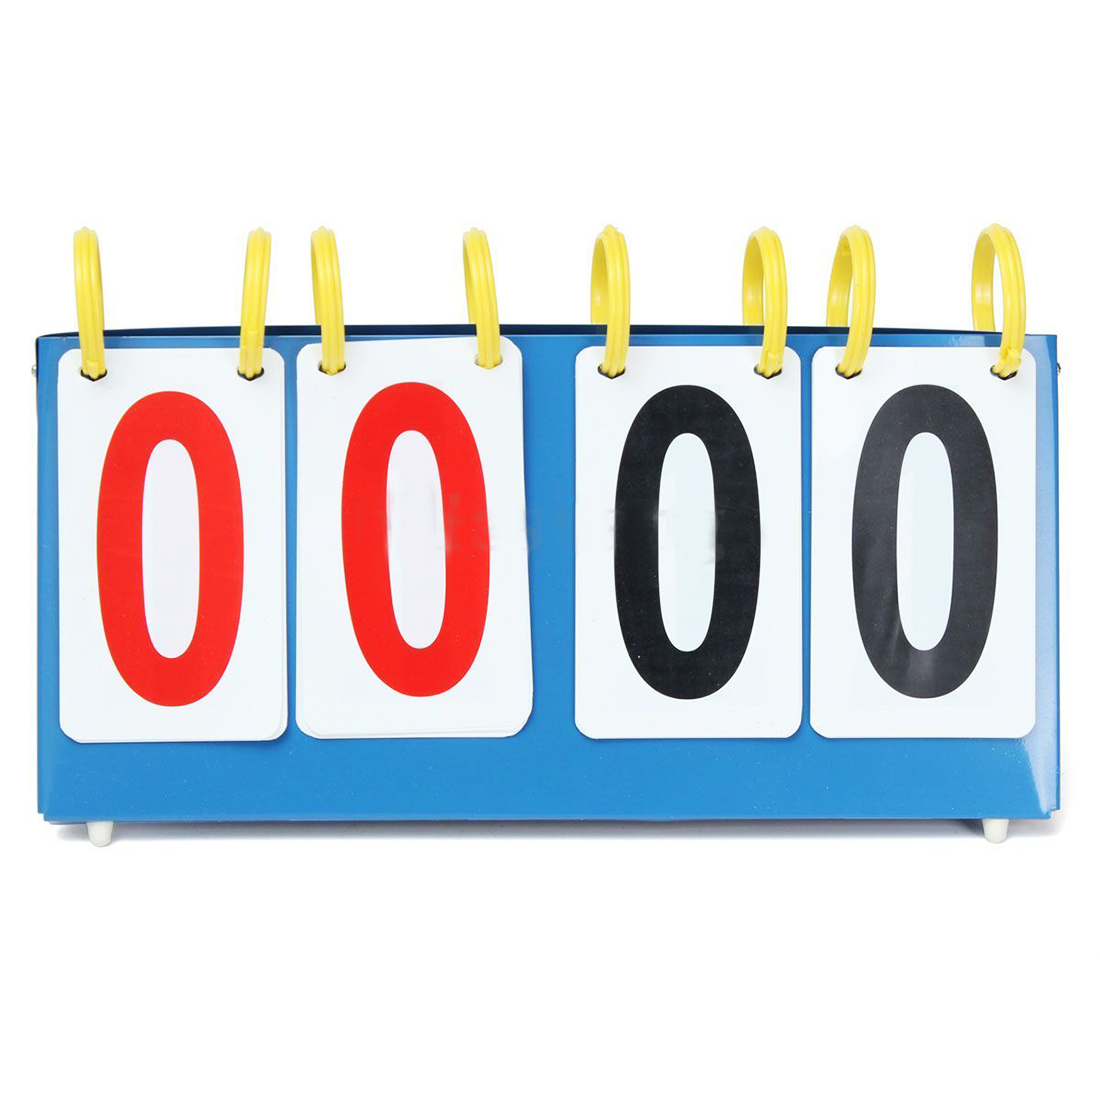 Portable 4 Digit Scoreboard Sports Flip Score Board Basketball Scorer Tennis ...